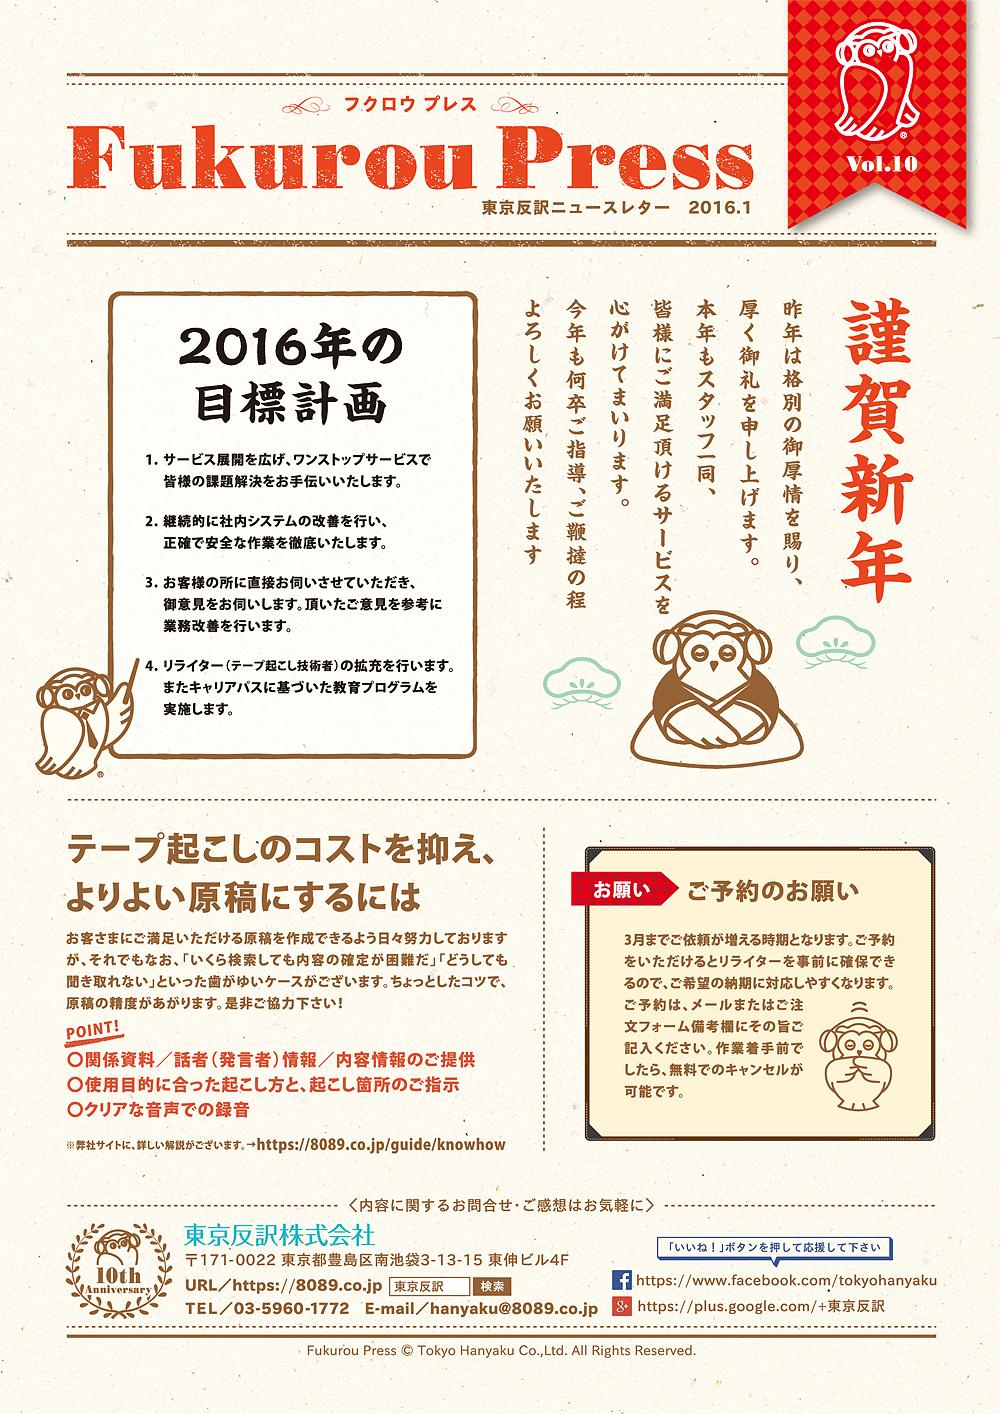 newsletter_vol10_0108ol